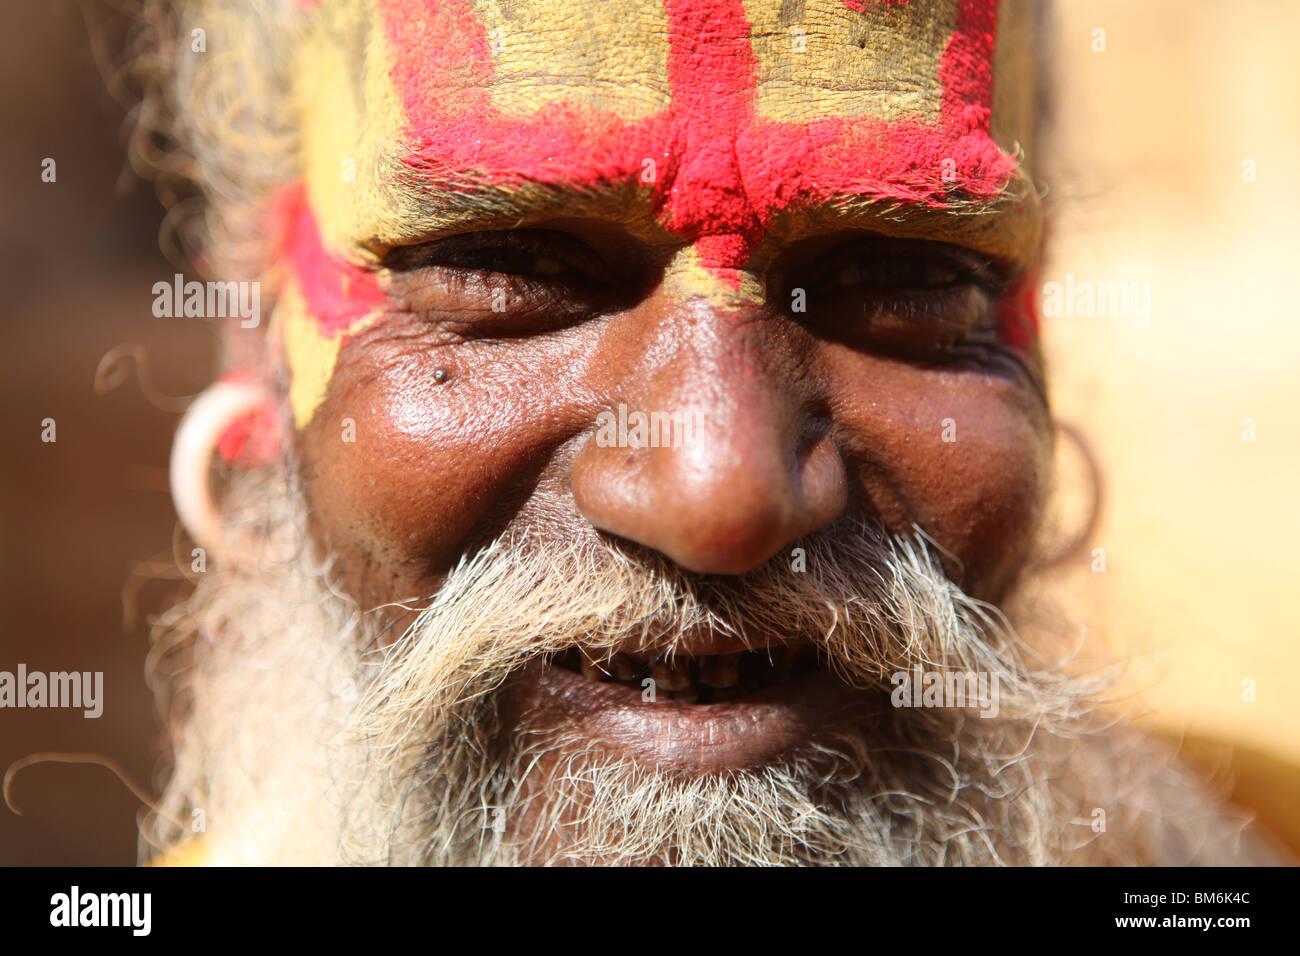 A Sadhu, Hindi Holy Man at the Fort in Jaisalmer, Rajashan, India. - Stock Image